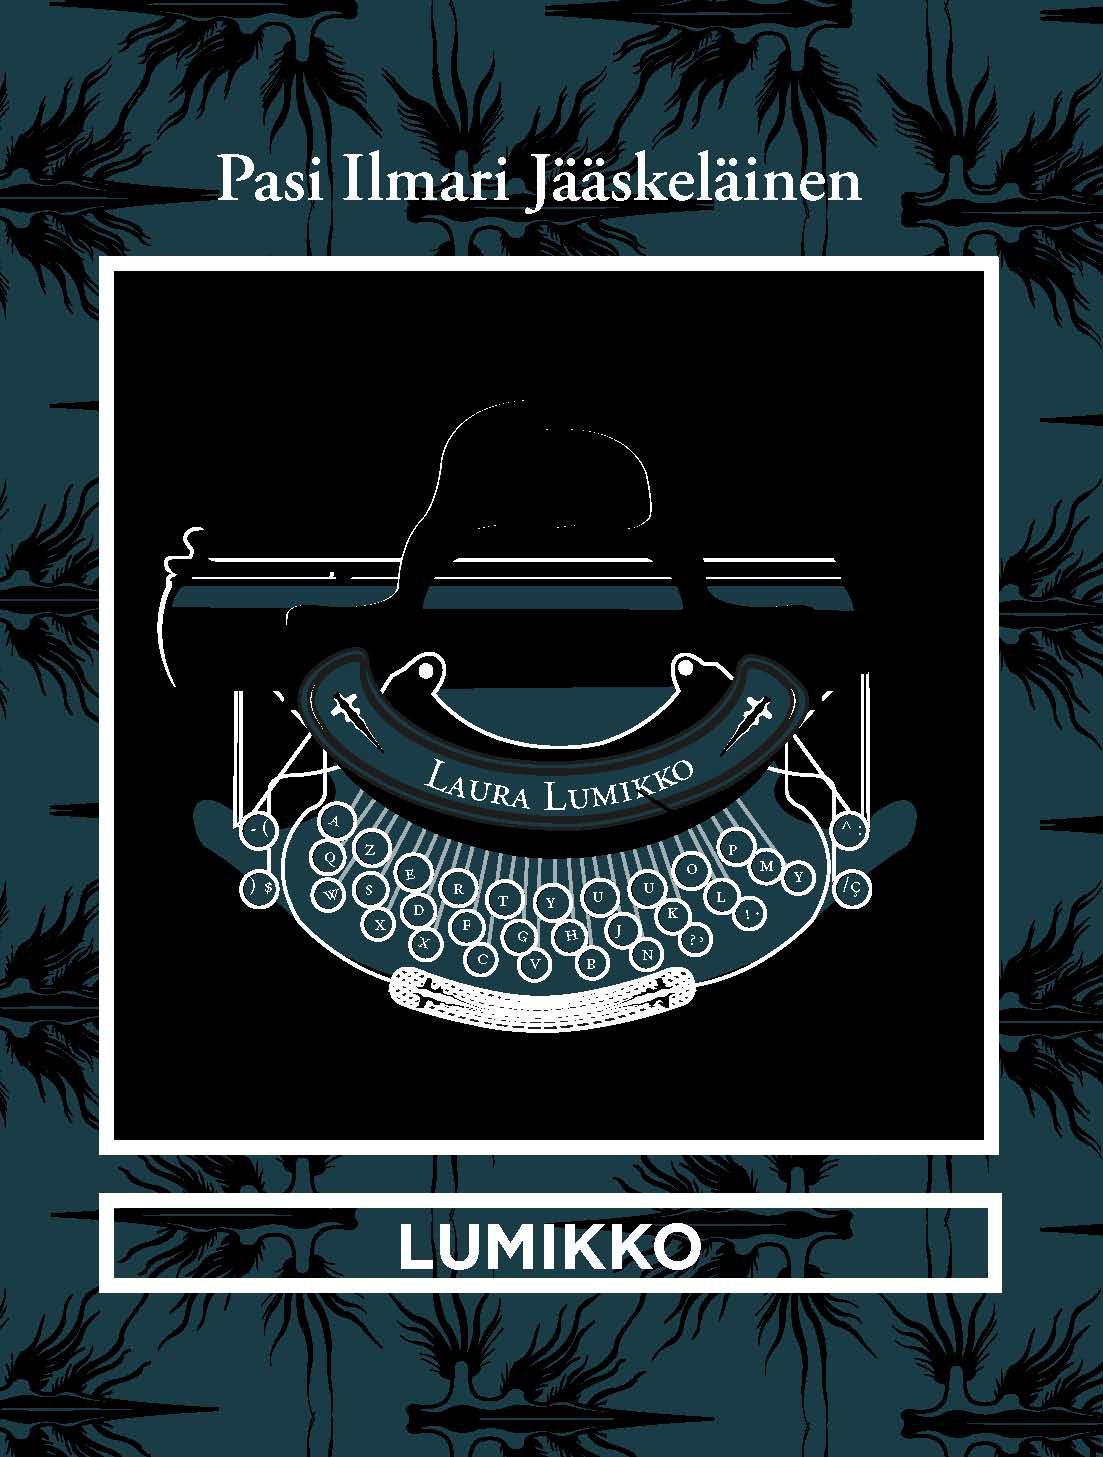 Pasi Ilmari Jääskelaïenen  Lumikko novel, Finland, Literature, secret society